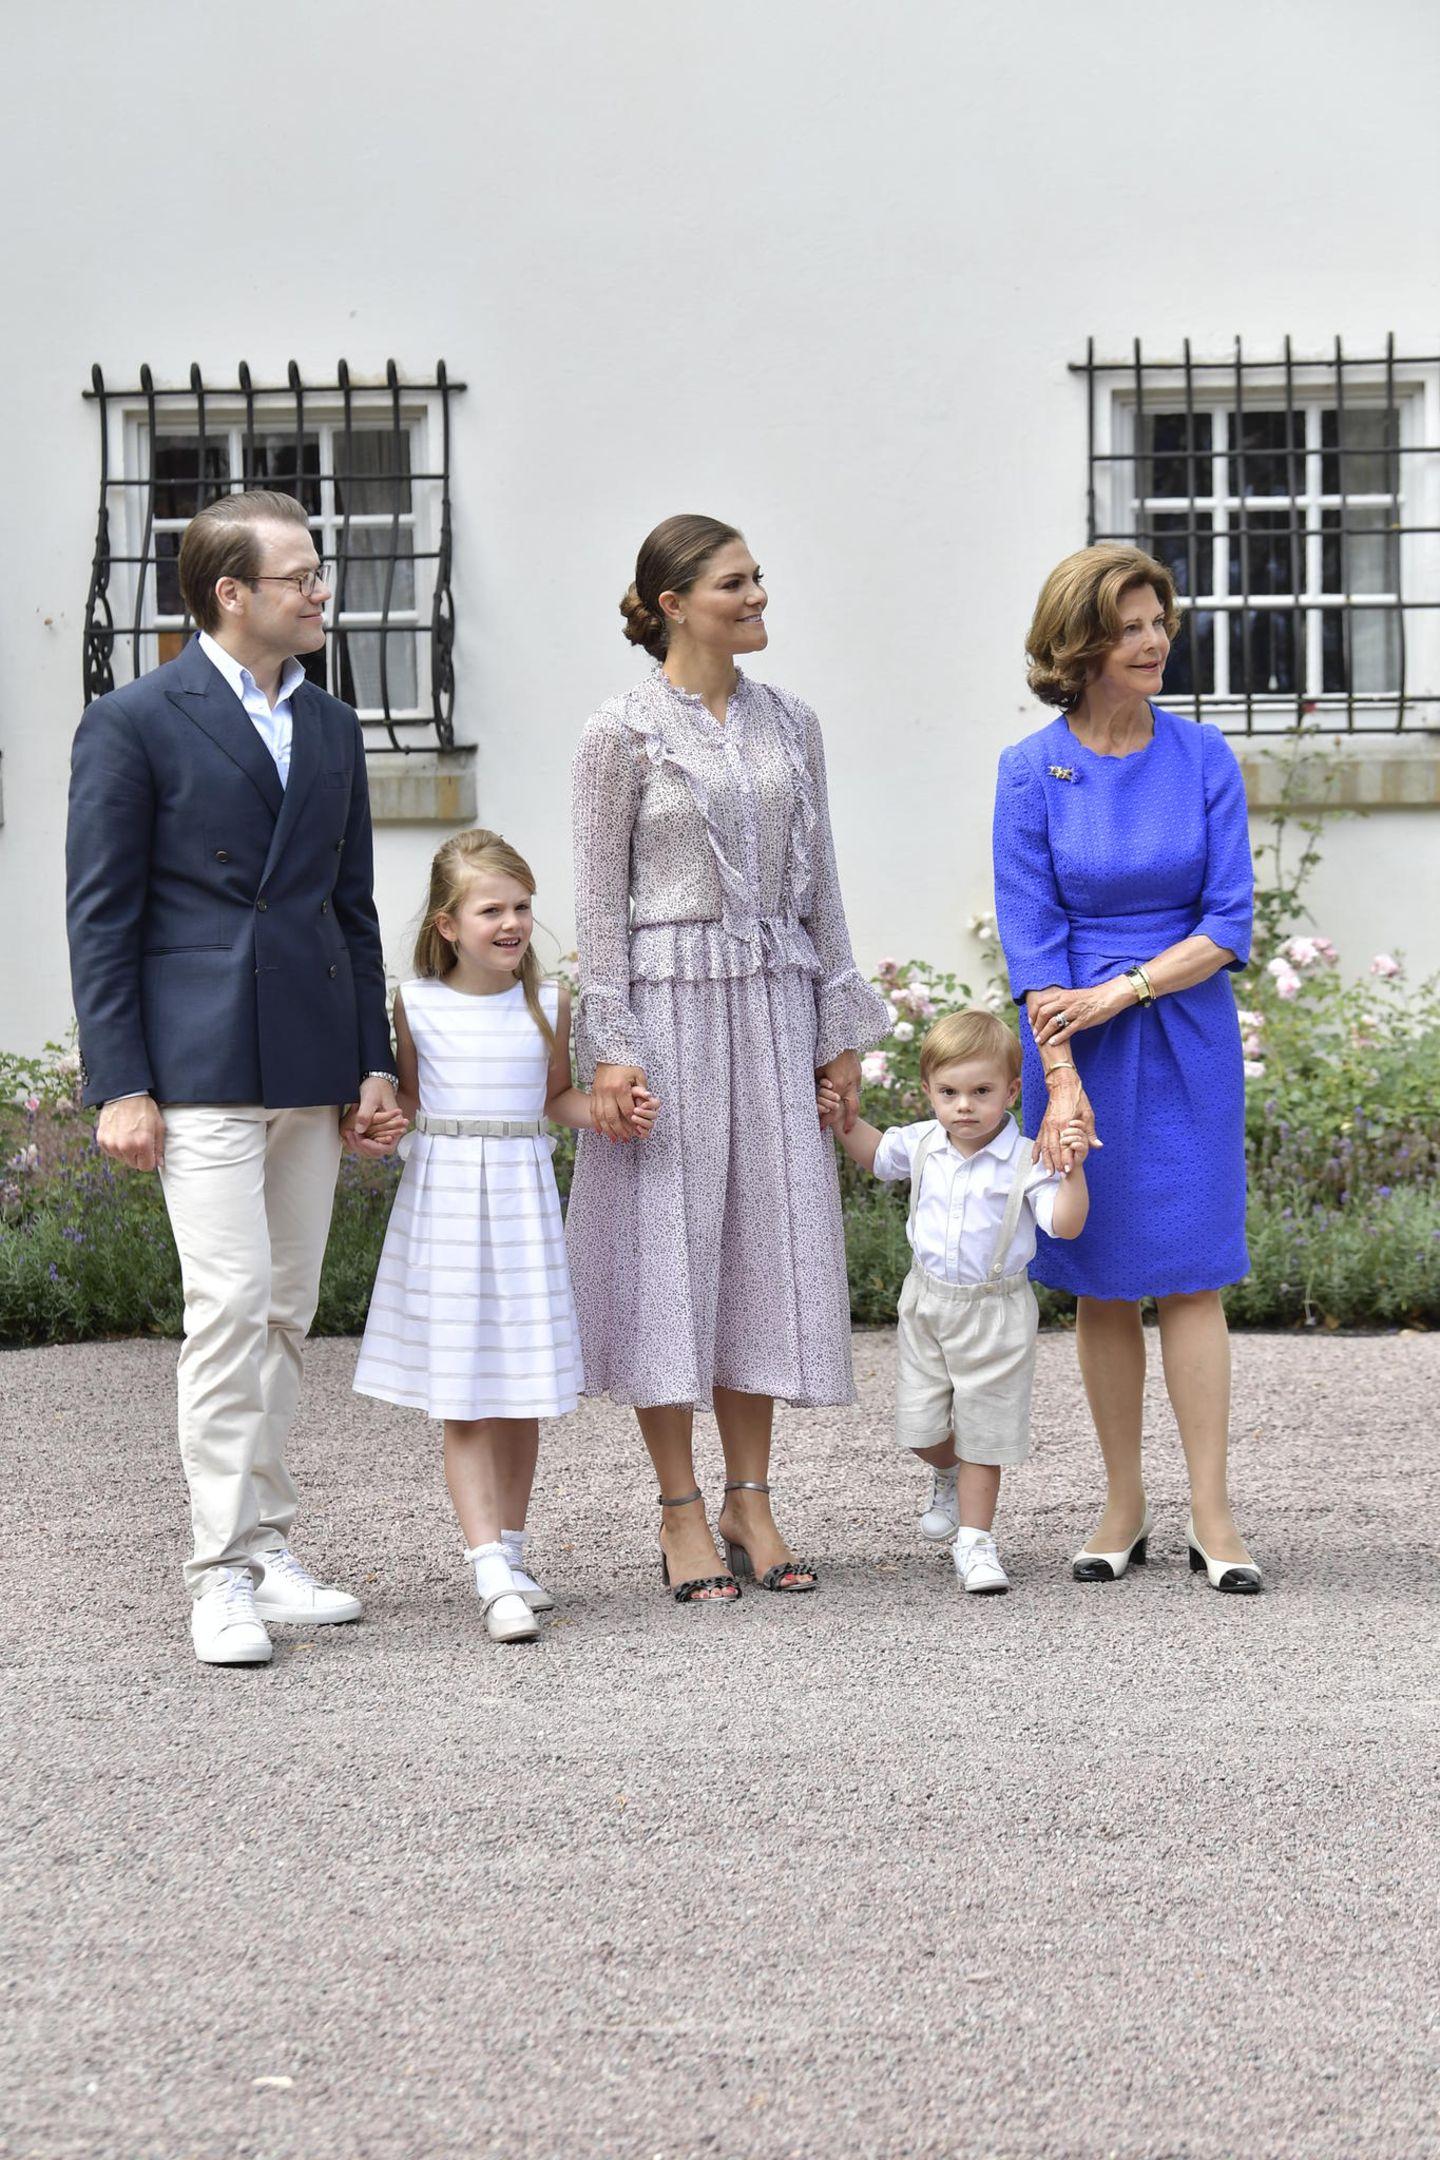 Estelle hatte bei der Taufe ihrer jüngsten Cousine gefehlt und überrascht mit lang gewordenen, hellen Haaren. Der kleine Prinz Oscar schaut - wie immer - etwas grimmig.